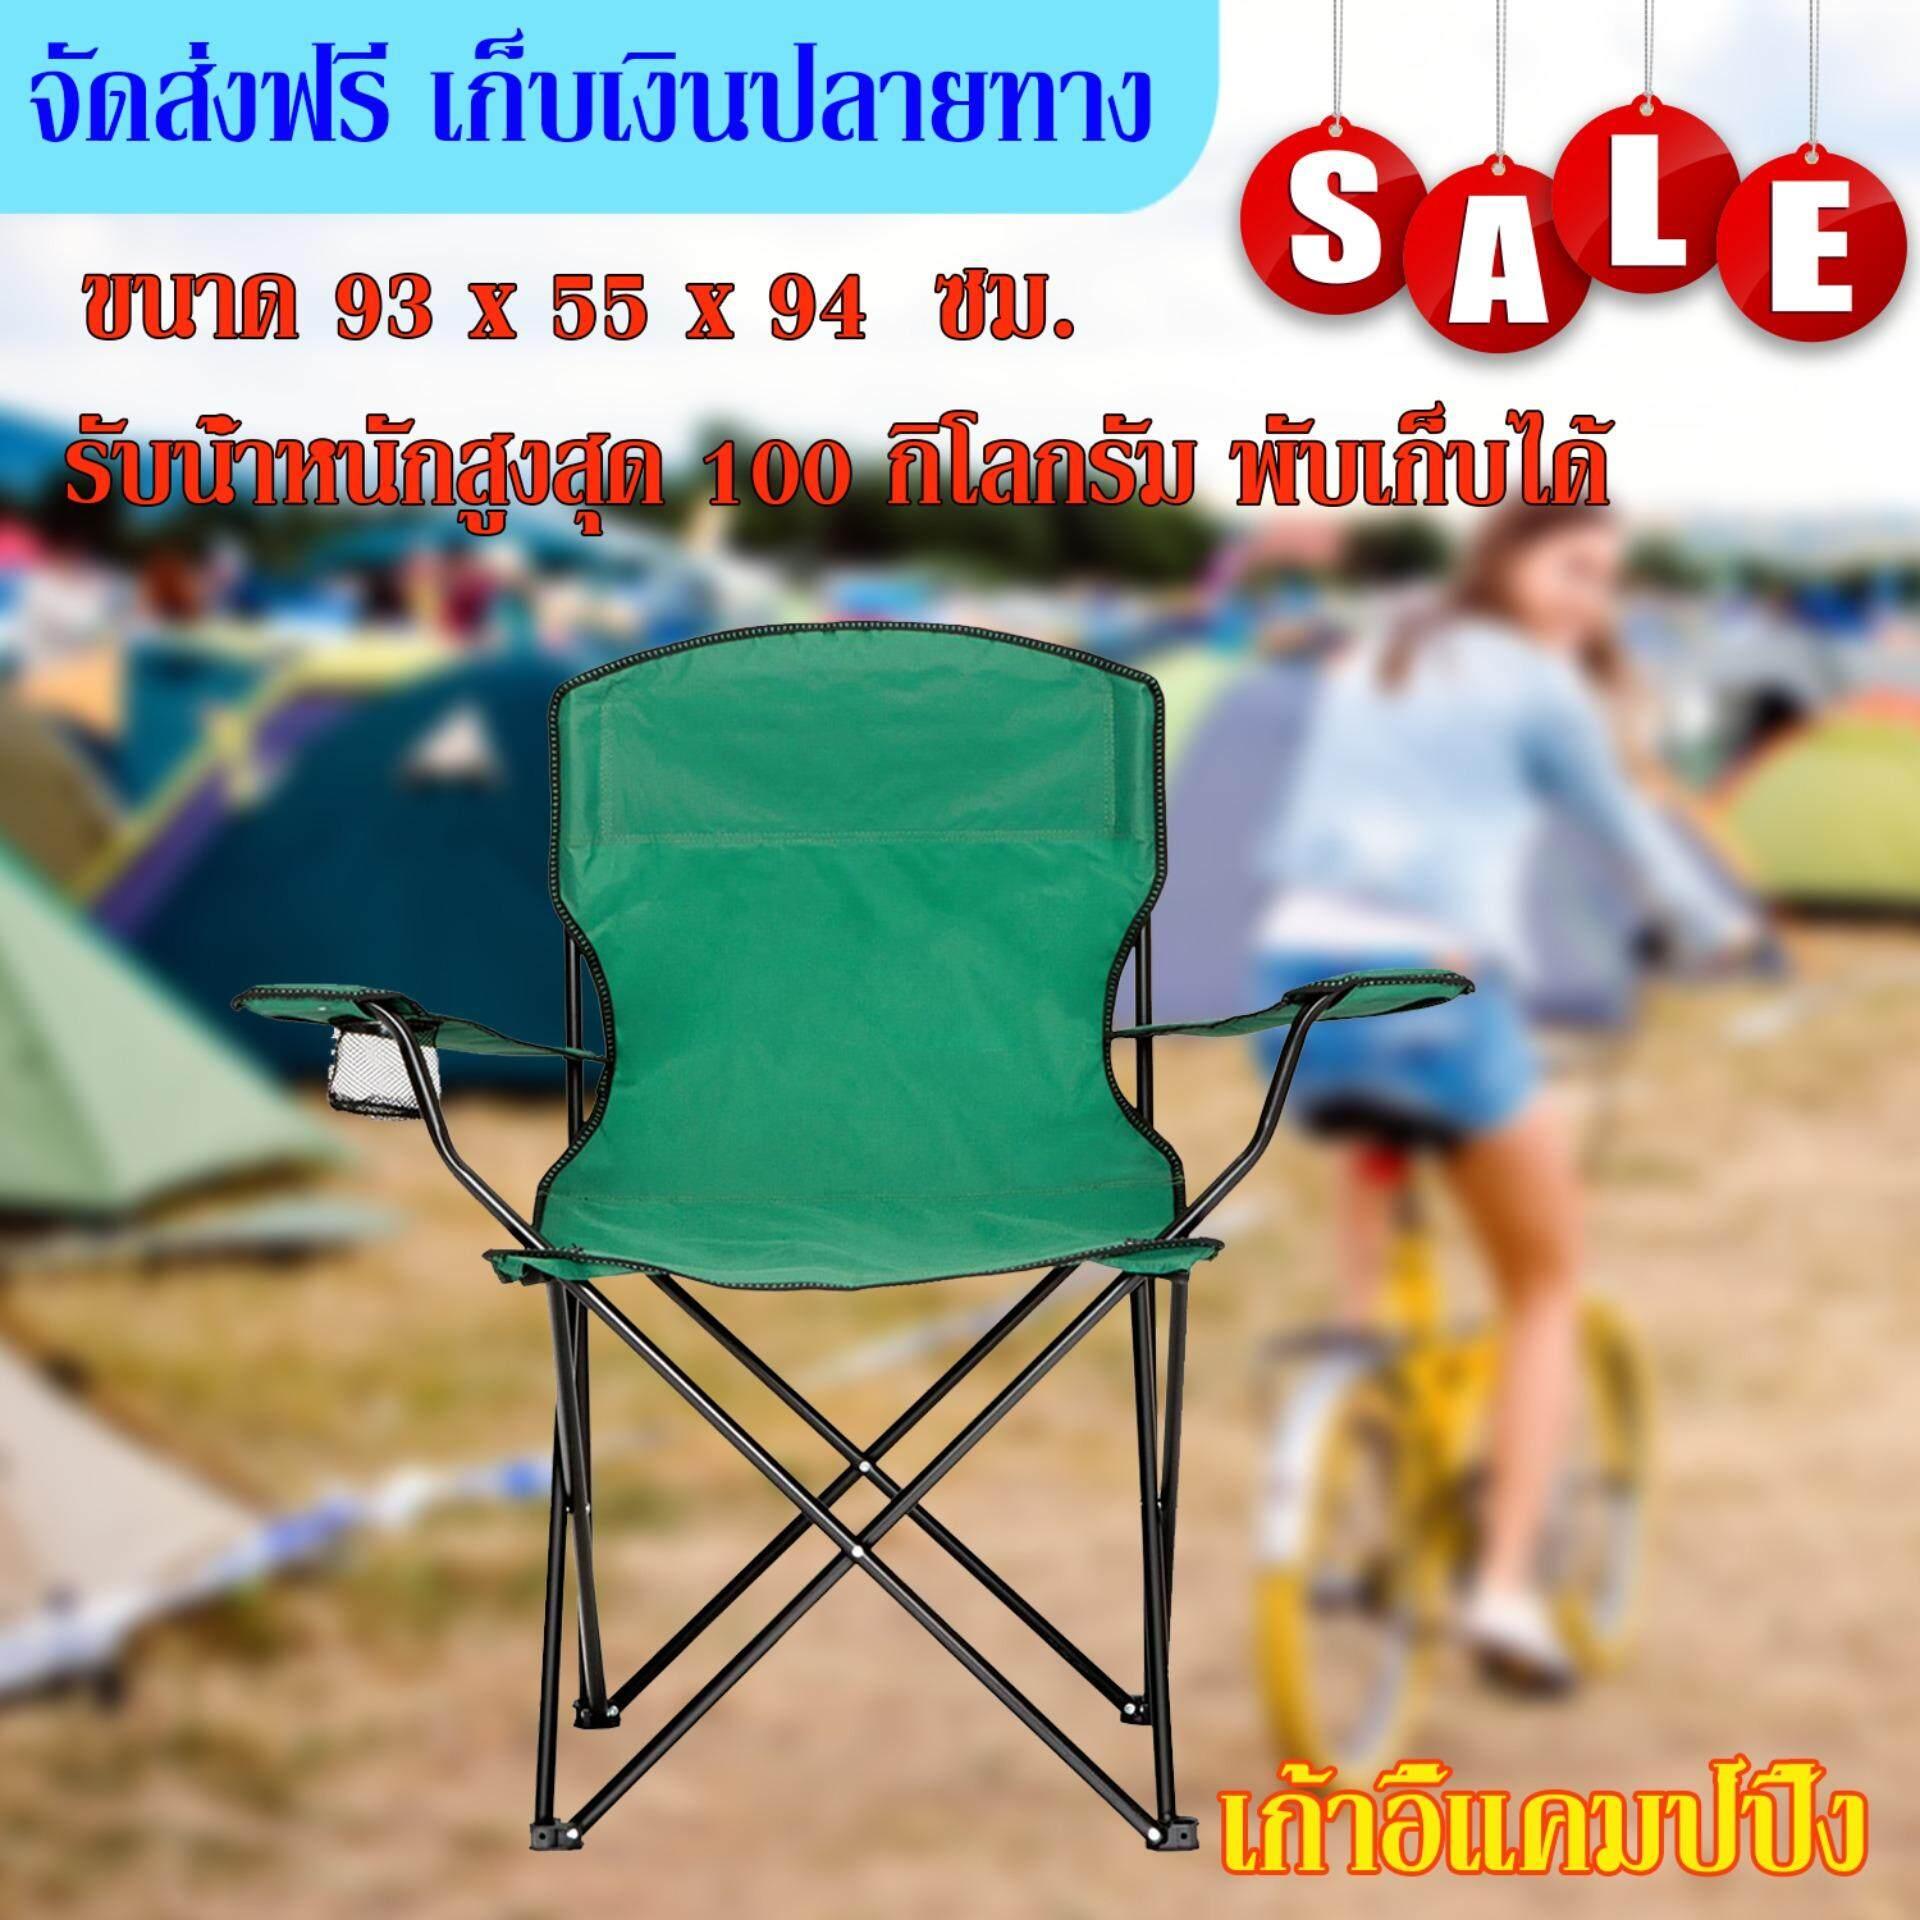 ลดสุดๆ เก้าอี้แคมป์ปิ้งพับได้แบบพกพา เก้าอี้สนาม เหมาะสำหรับ ปิคนิค ตกปลา เดินป่า Camping Chair  สีเขียว ขนาด 93 x 55 x 94 ซม.จัดส่งKerry ฟรี!